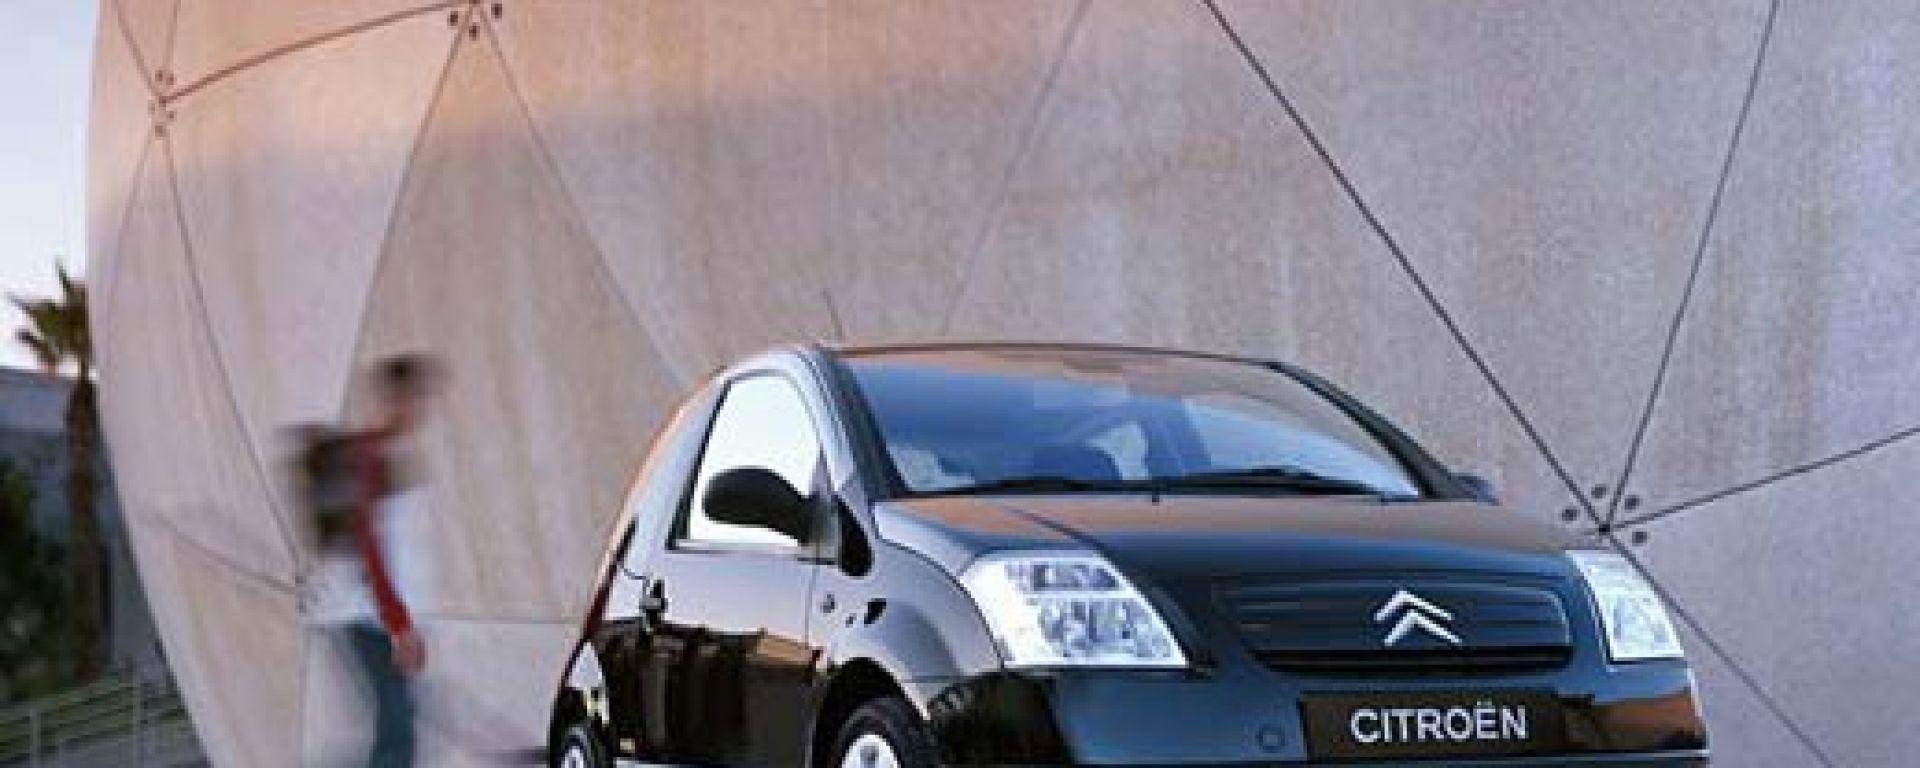 Anteprima Citroën C2